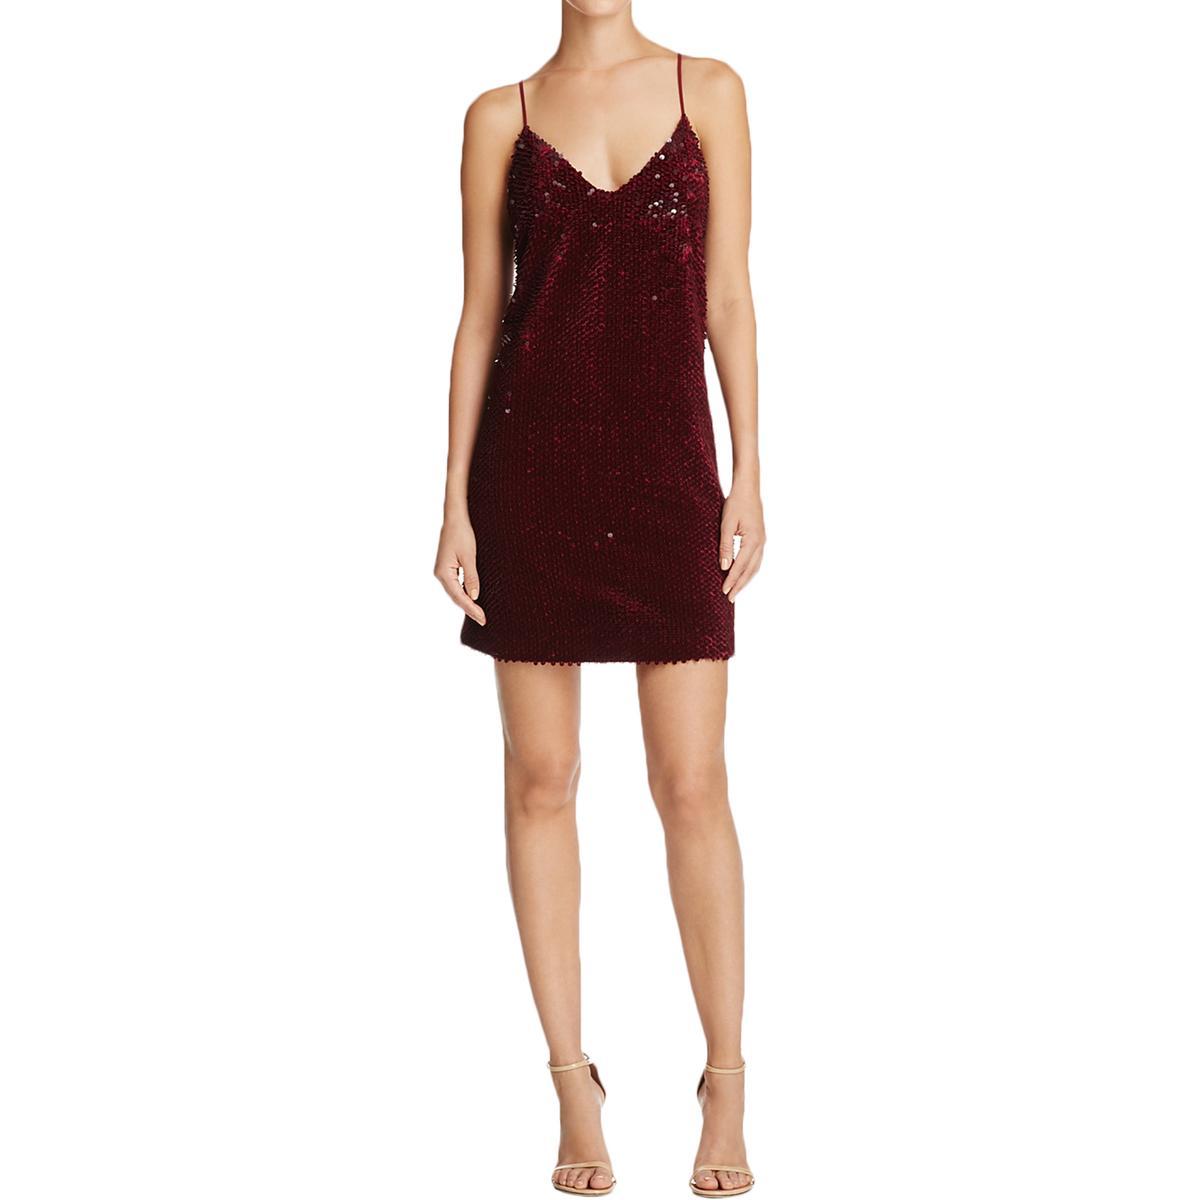 Kendall Kylie Deep Red Velvet Sequins Mini Sheath Slip Dress S | eBay